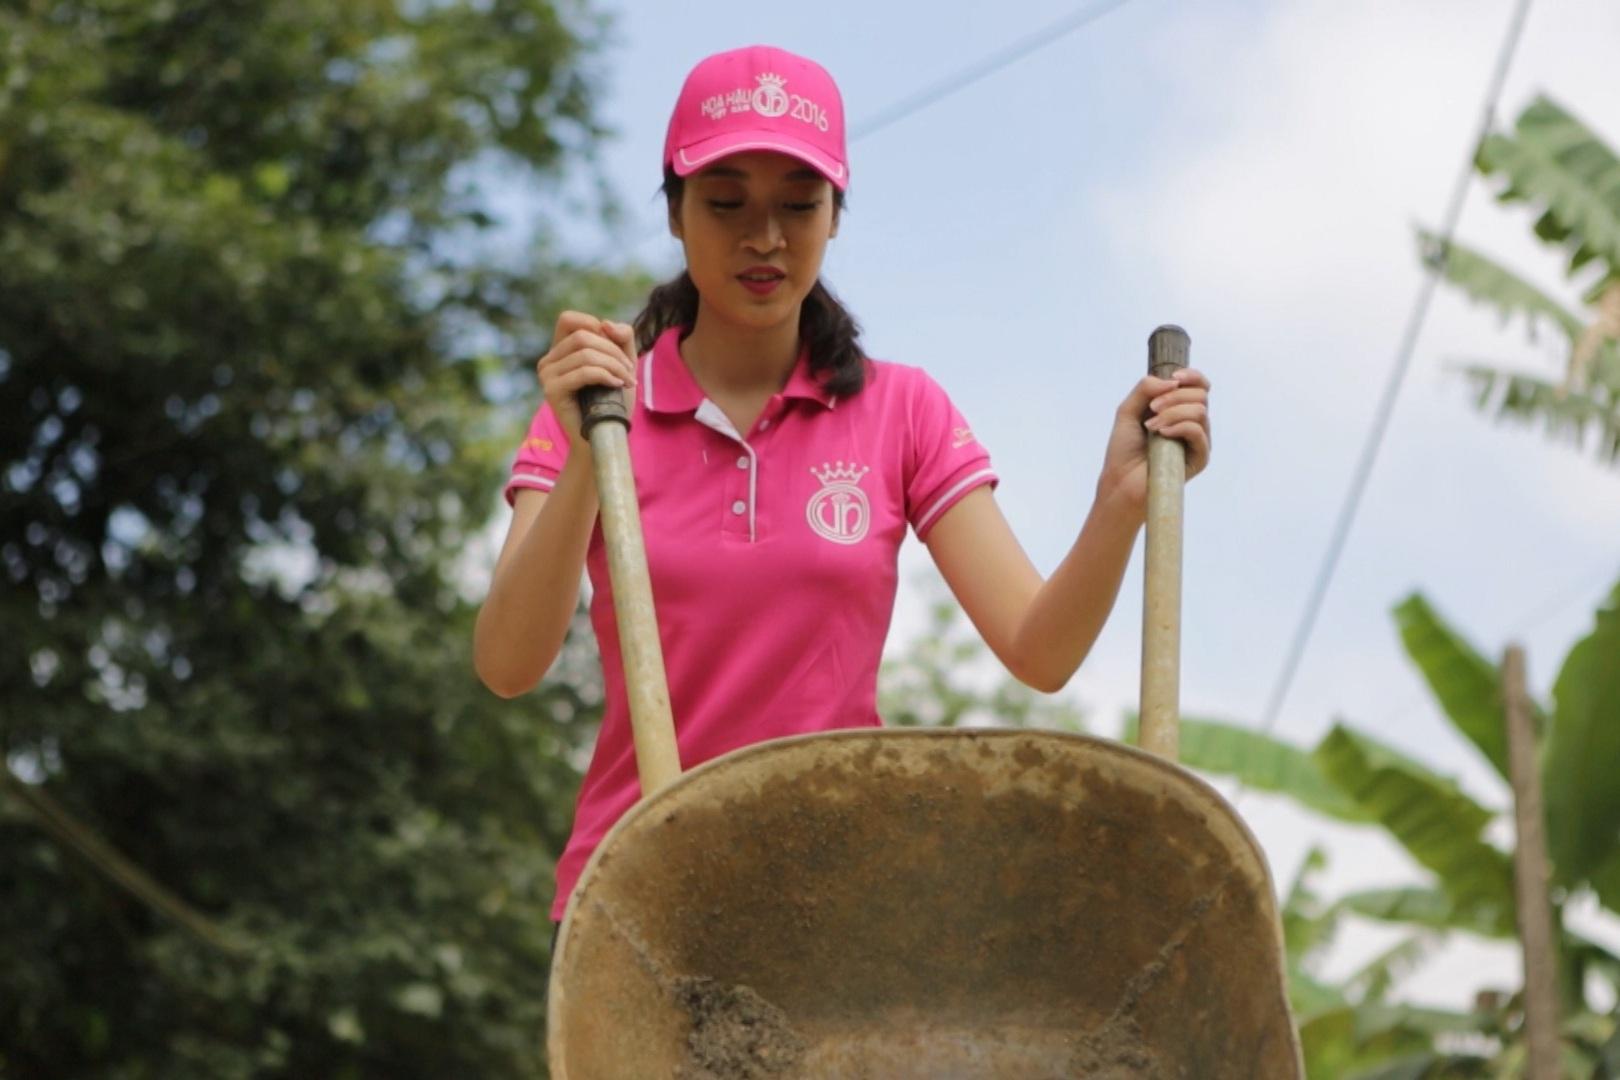 Trong dự án nhân án, người đẹp này đã không ngại chở cát, cuộn dây... chung tay cùng các thợ điện thắp sáng con đường dài 1,7km cho người dân nghèo ở huyện Trấn Yên - Yên Bái.